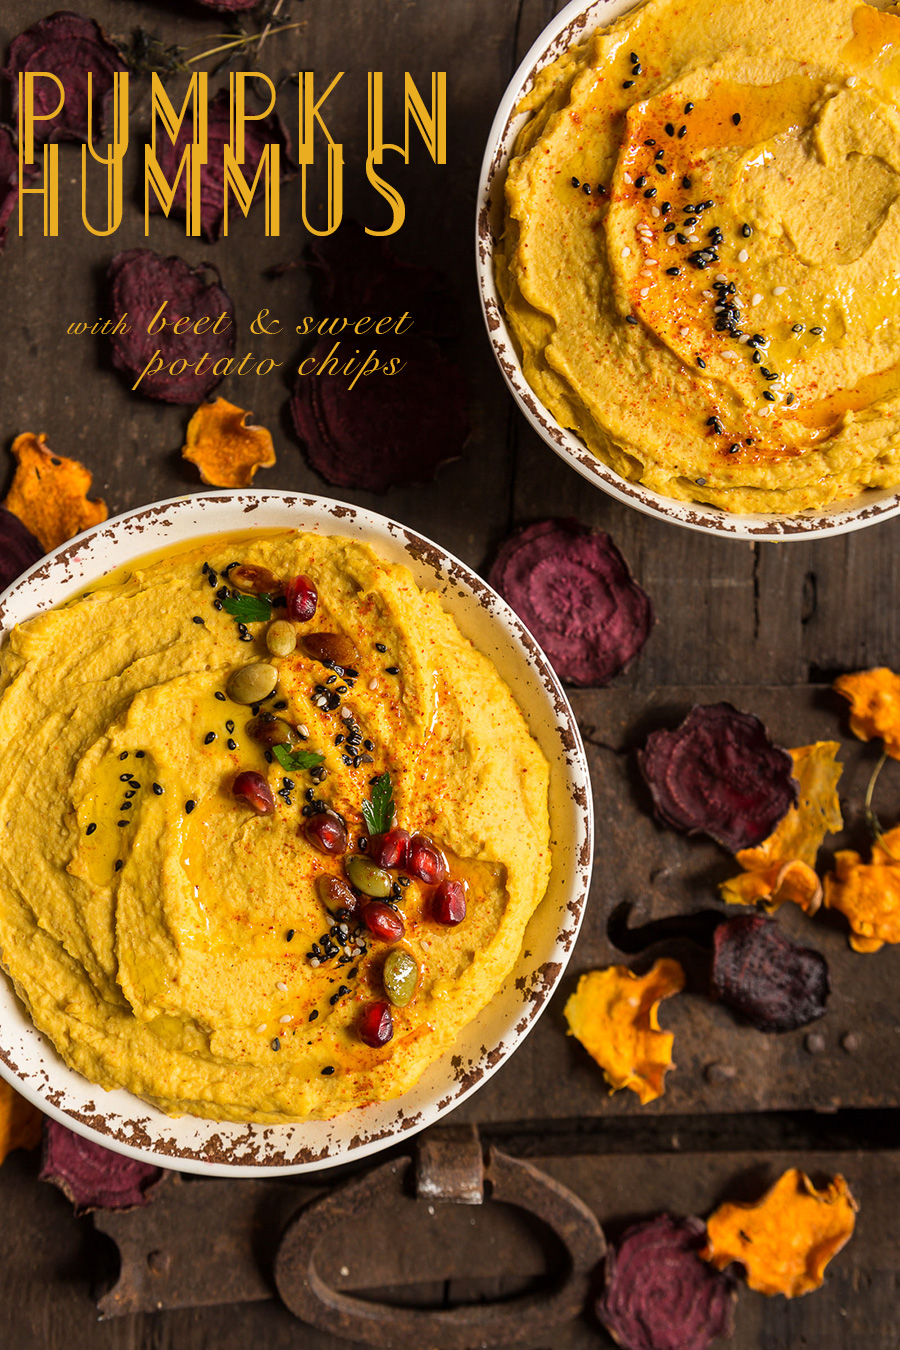 ricetta Hummus alla zucca con chips di barbabietola e patate dolci - pumpkin hummus with beet and sweet potato chips